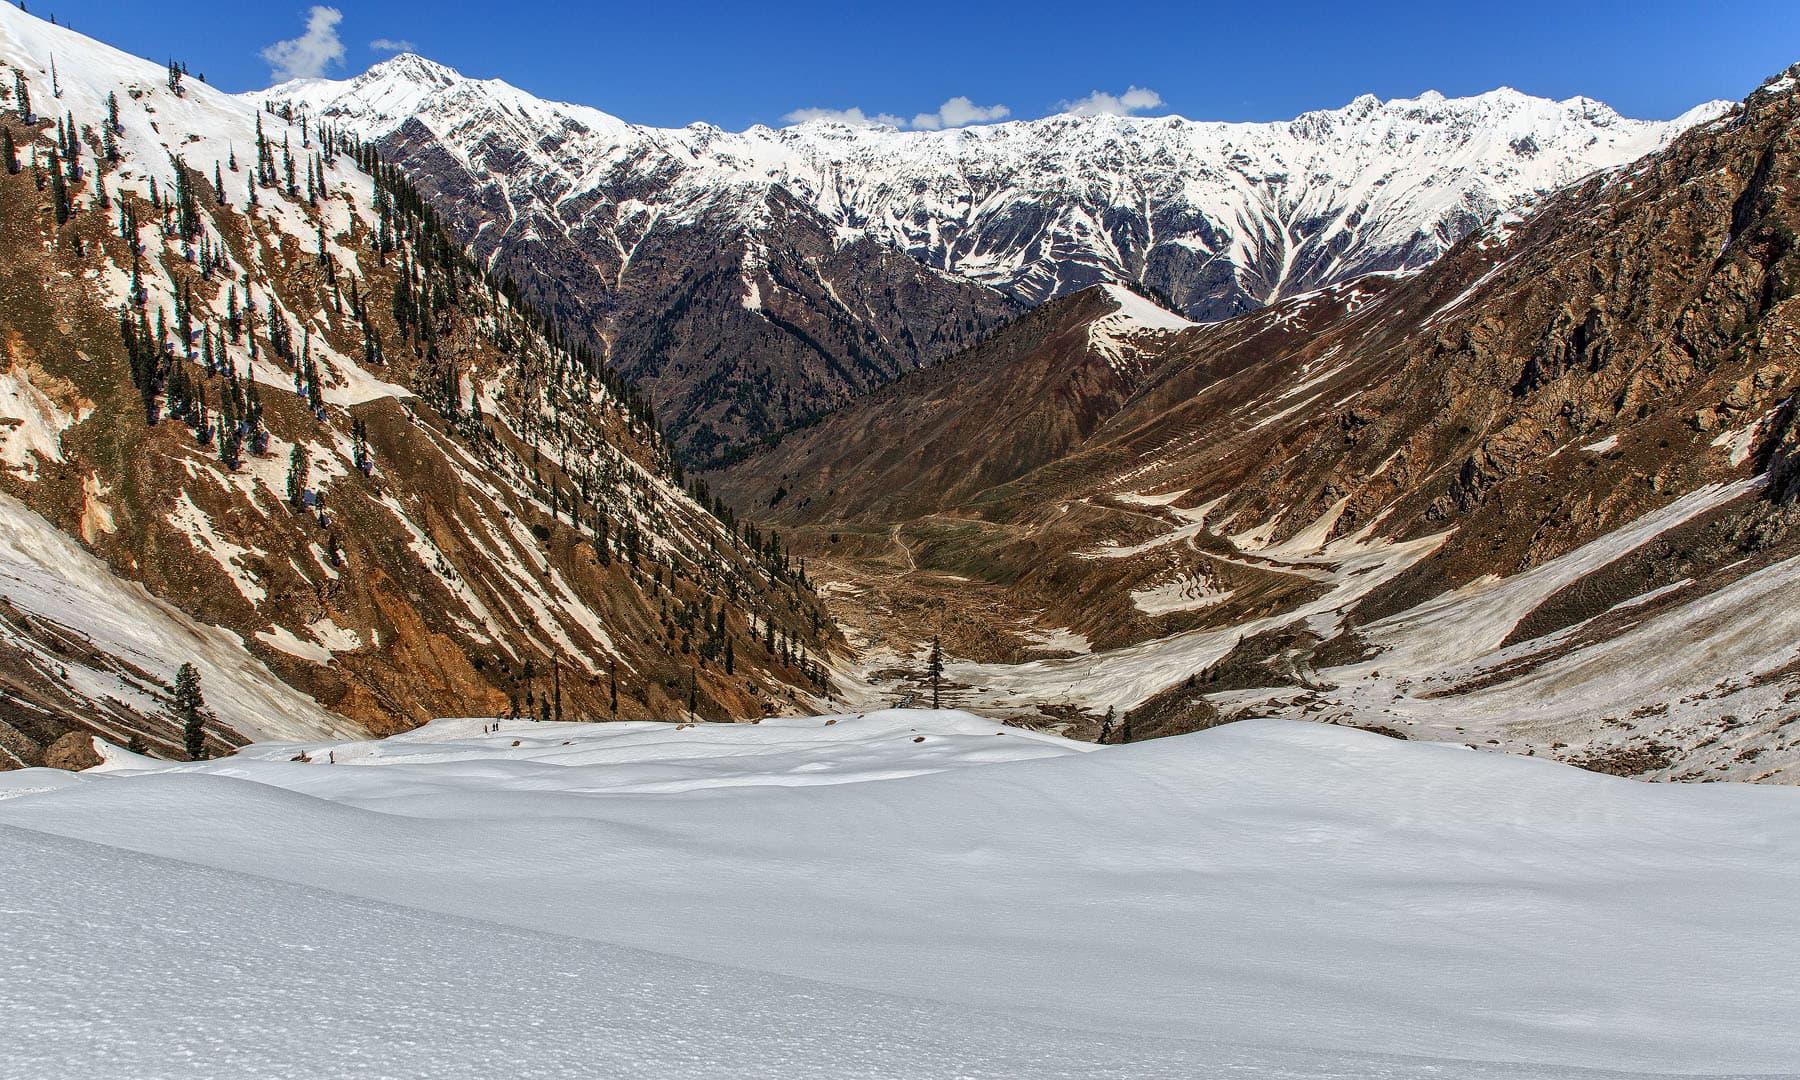 سیف الملوک کی جانب ٹریکنگ کرتے ہوئے وادی ناران کا منظر.— فوٹو سید مہدی بخاری